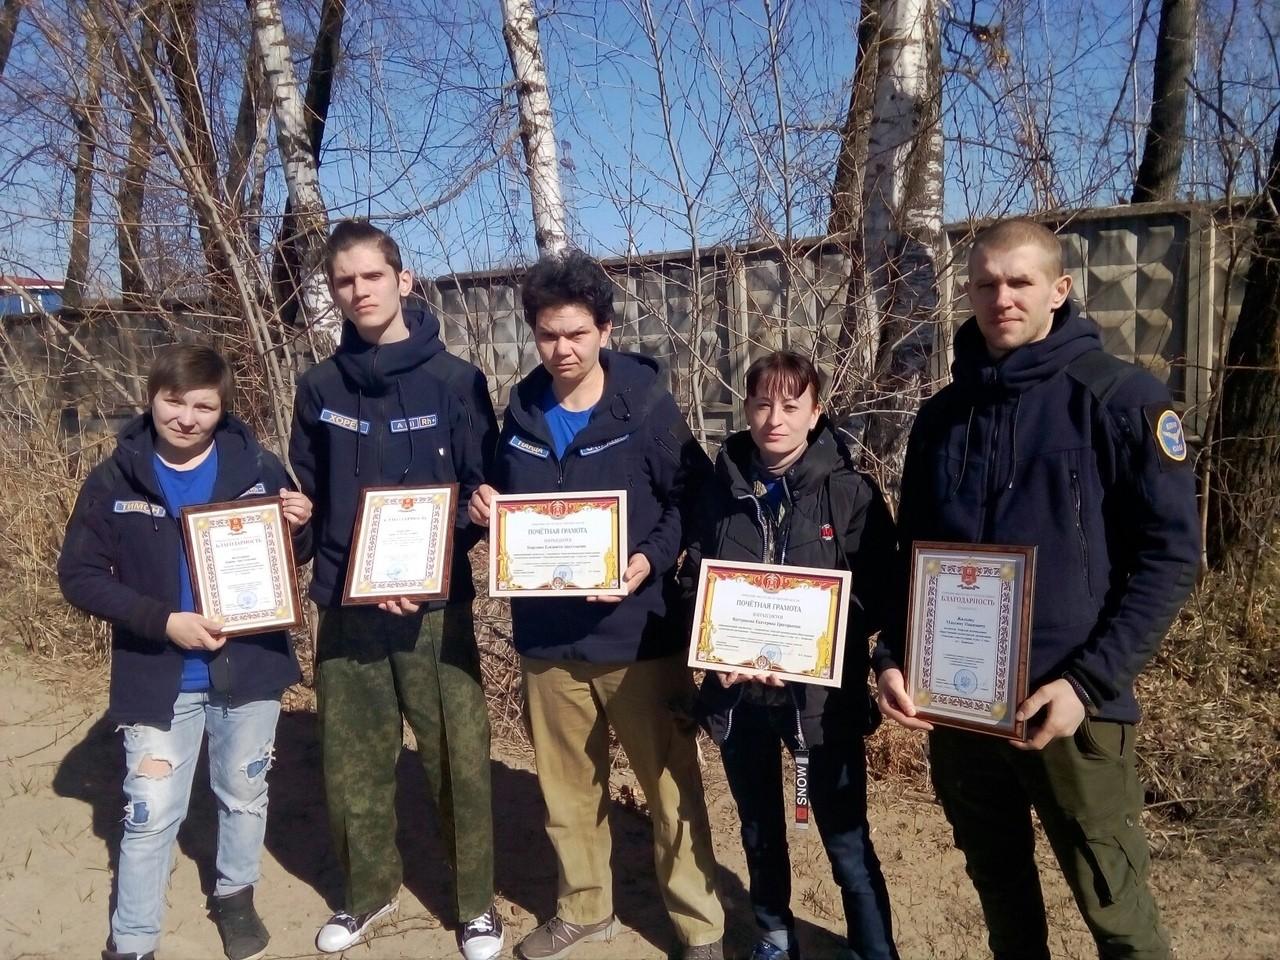 Волонтерам конаковского подразделения отряда вручили грамоты УМВД